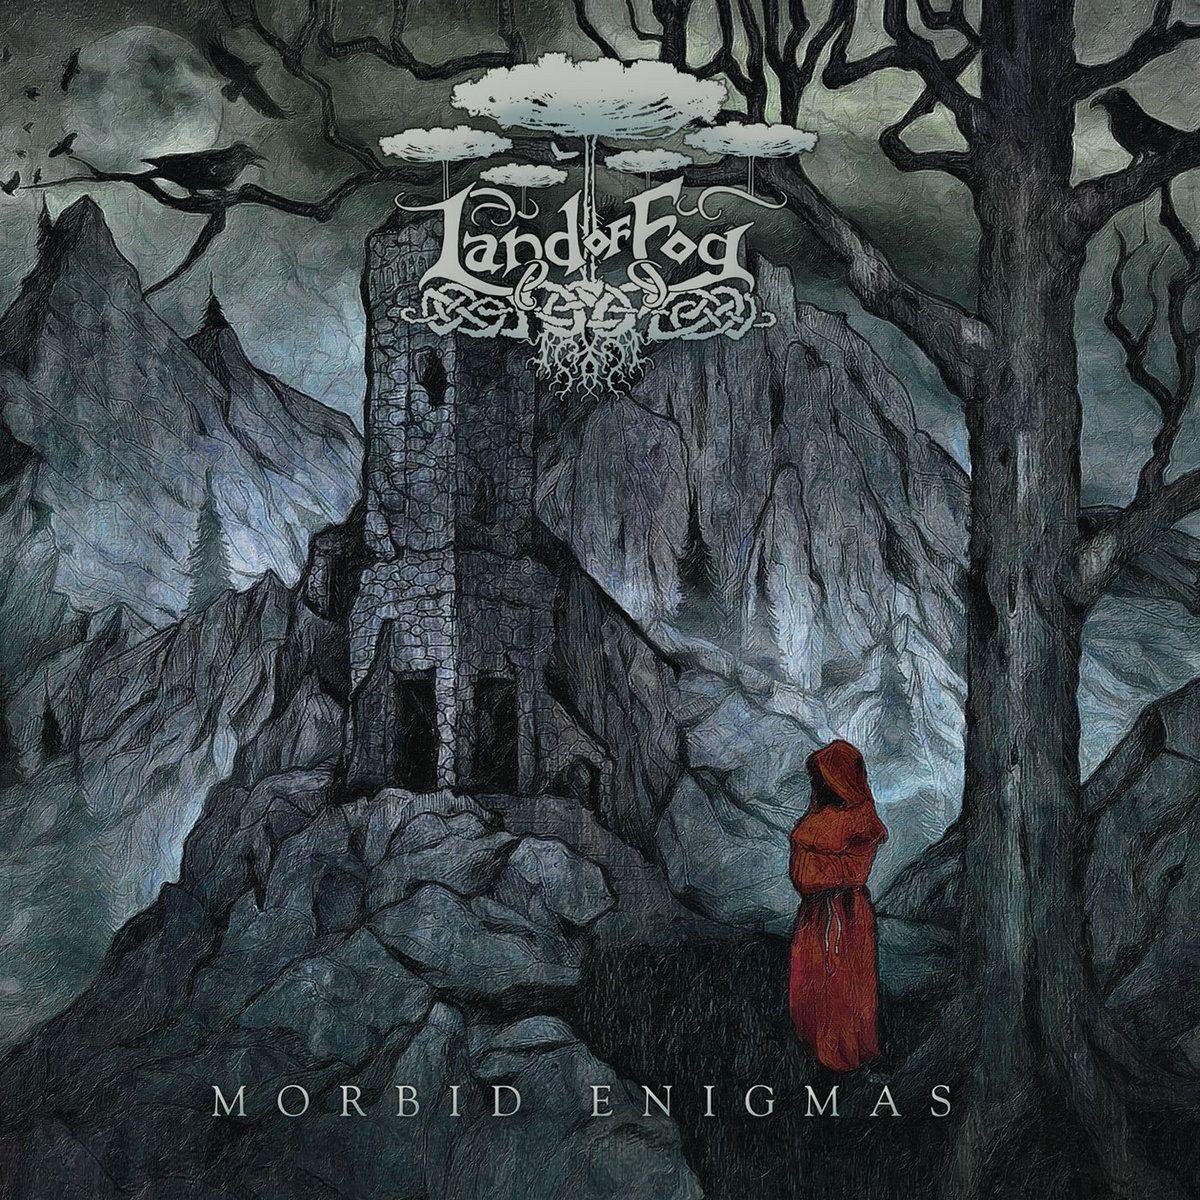 Review for Land of Fog - Morbid Enigmas